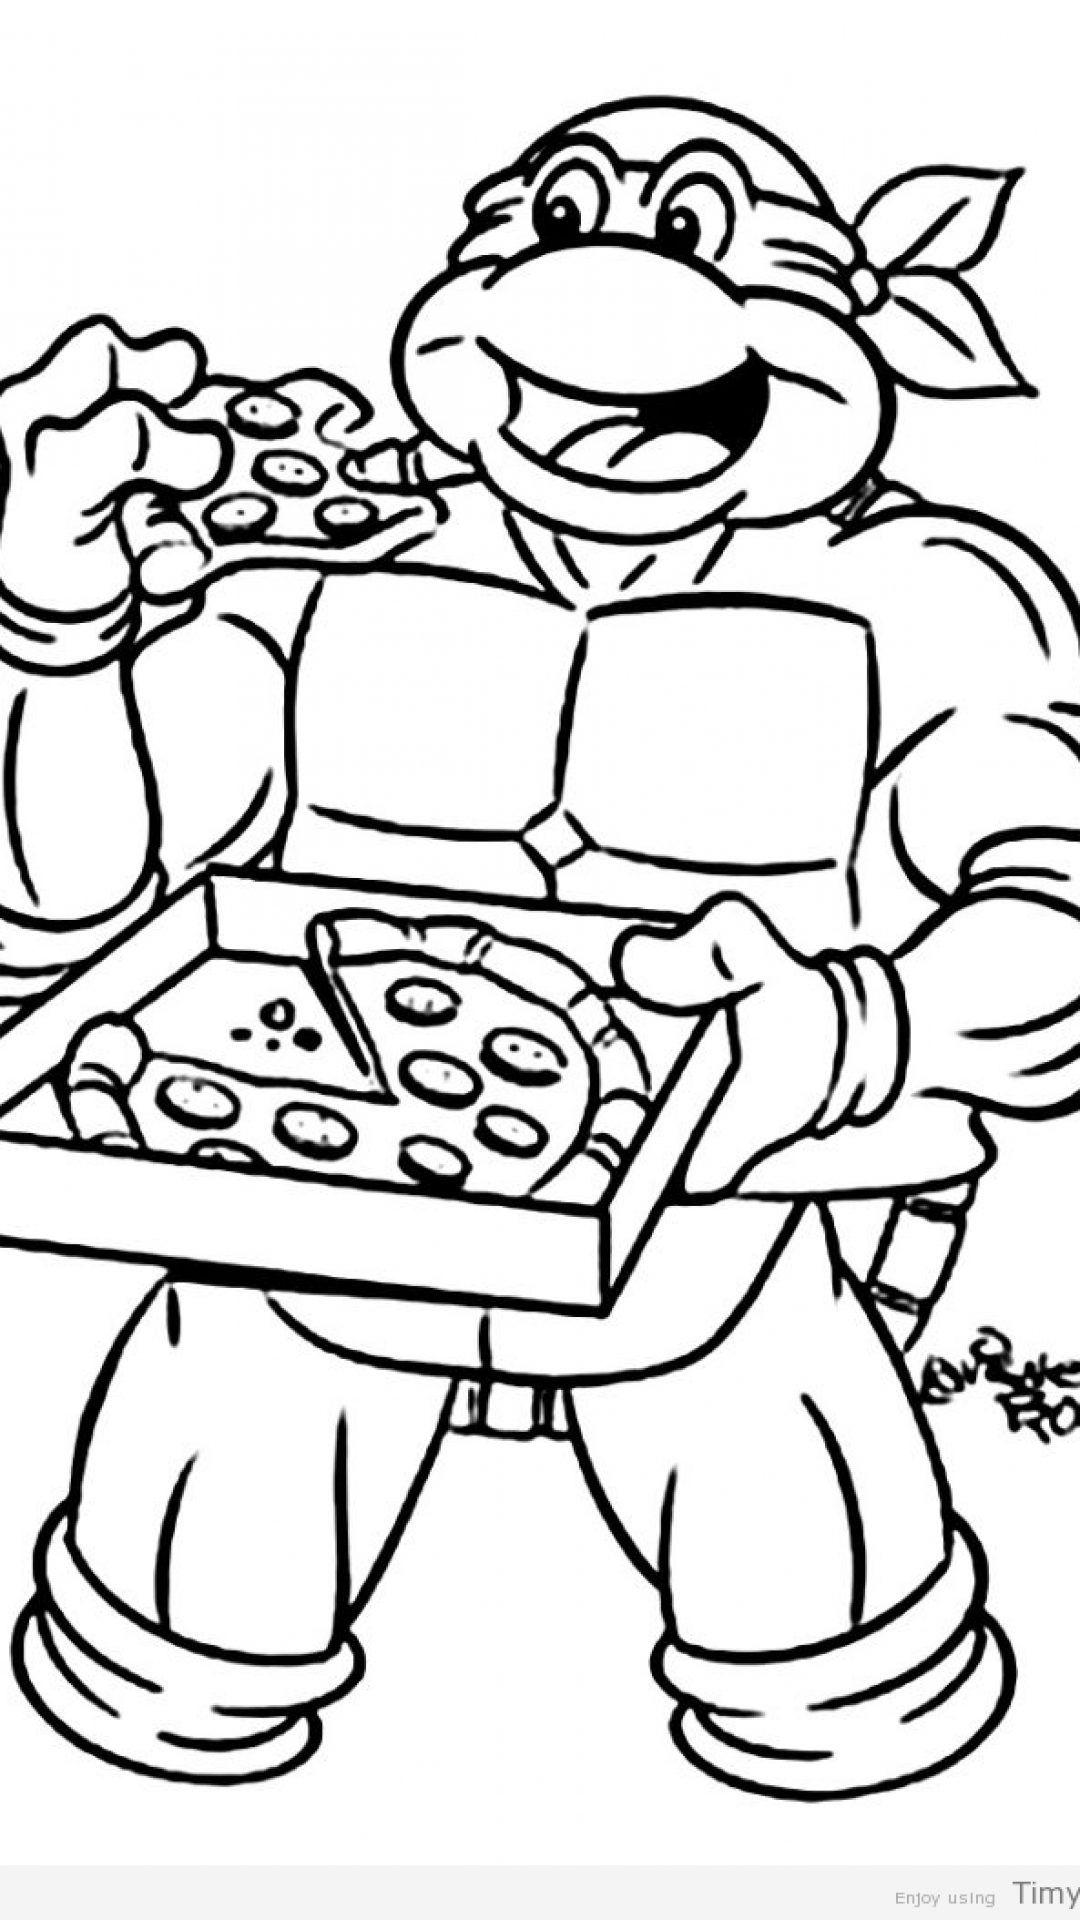 Red Ninja Coloring Pages Ninjago Coloring Pages Pirate Coloring Pages Ninja Turtle Coloring Pages